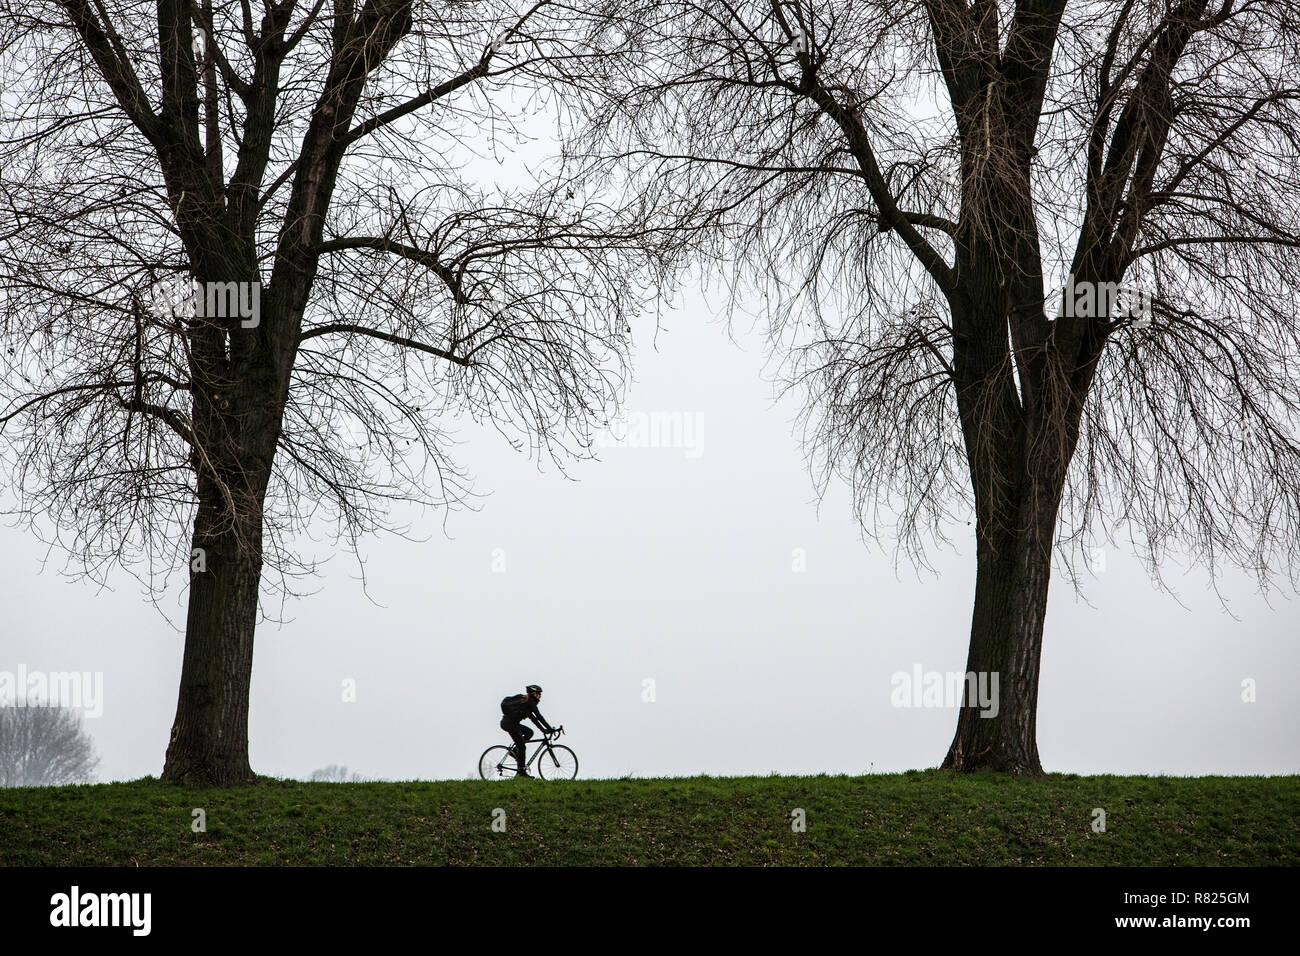 Morne, cycliste de l'hiver, le brouillard, les arbres nus, bei Stockum, DŸsseldorf, Rhénanie du Nord-Westphalie, Allemagne Photo Stock